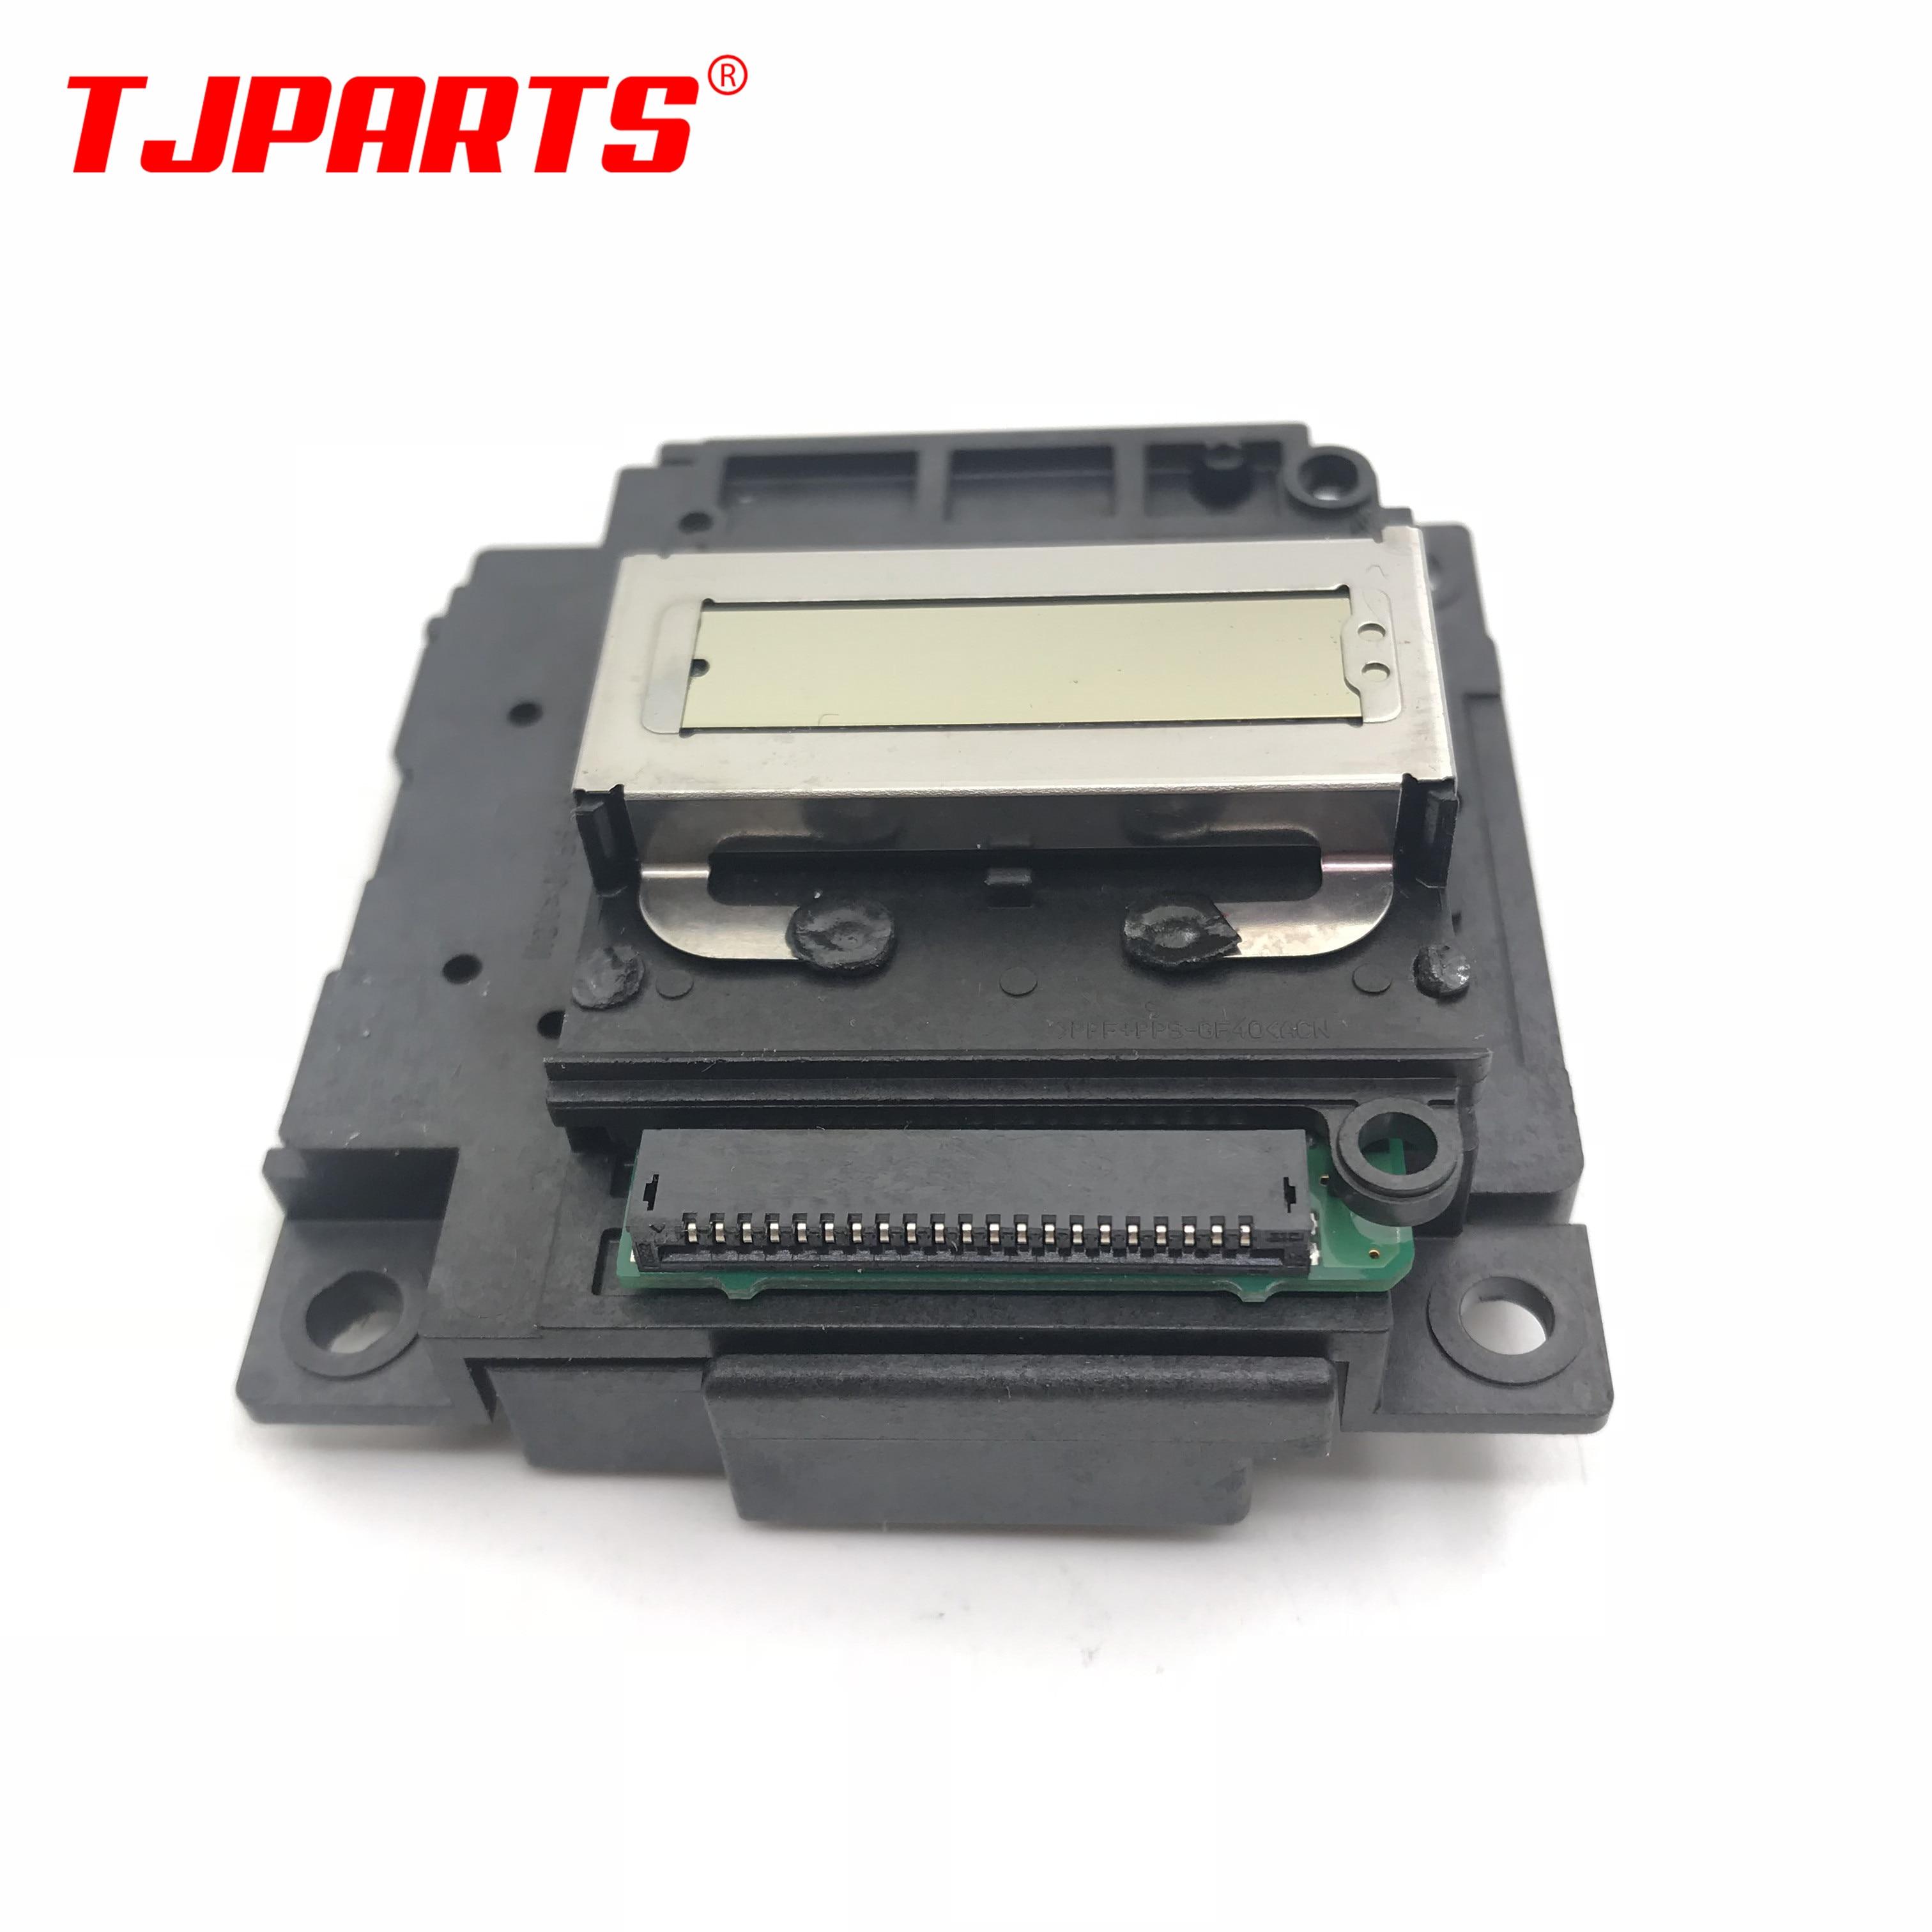 Printhead Print Head for Epson L1110 L1118 L1119 L3100 L3106 L3108 L3110 L3115 L3116 L3117 L3118 L3119 L3150 L3156 L3158 L3180